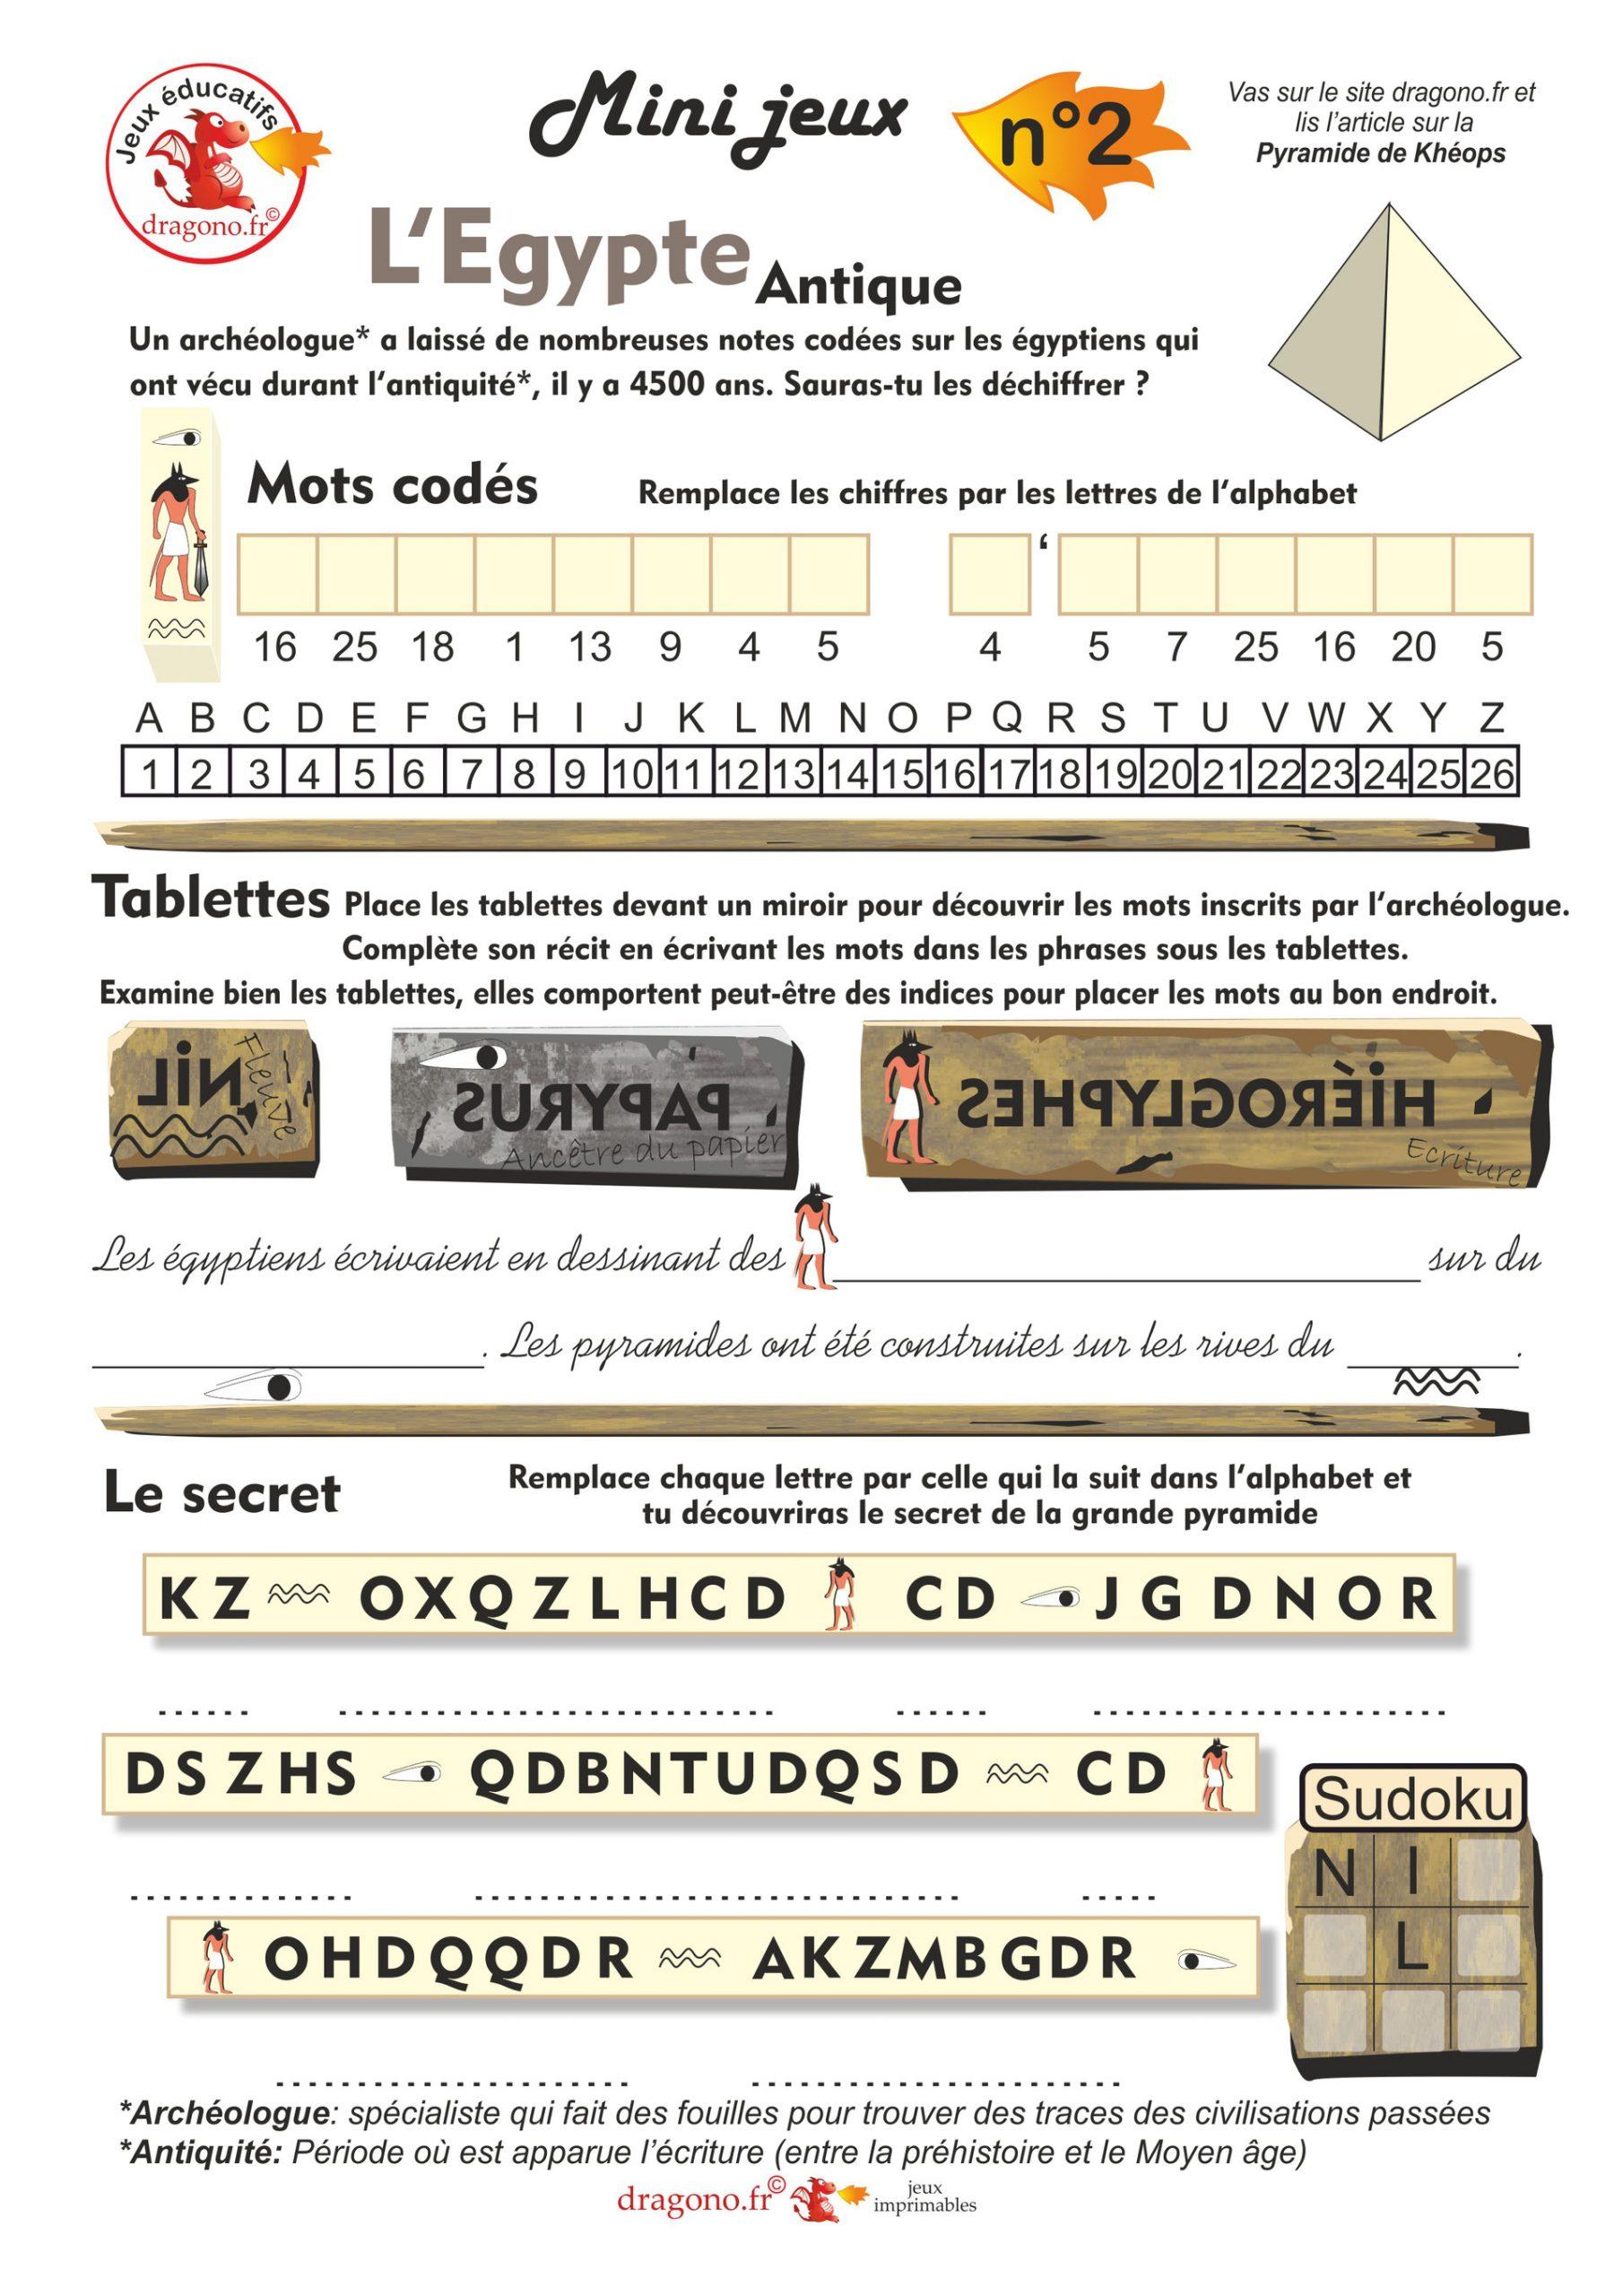 Jeux Éducatifs Sur L'égypte - Dragono.fr dedans Jeux Sudoku À Imprimer